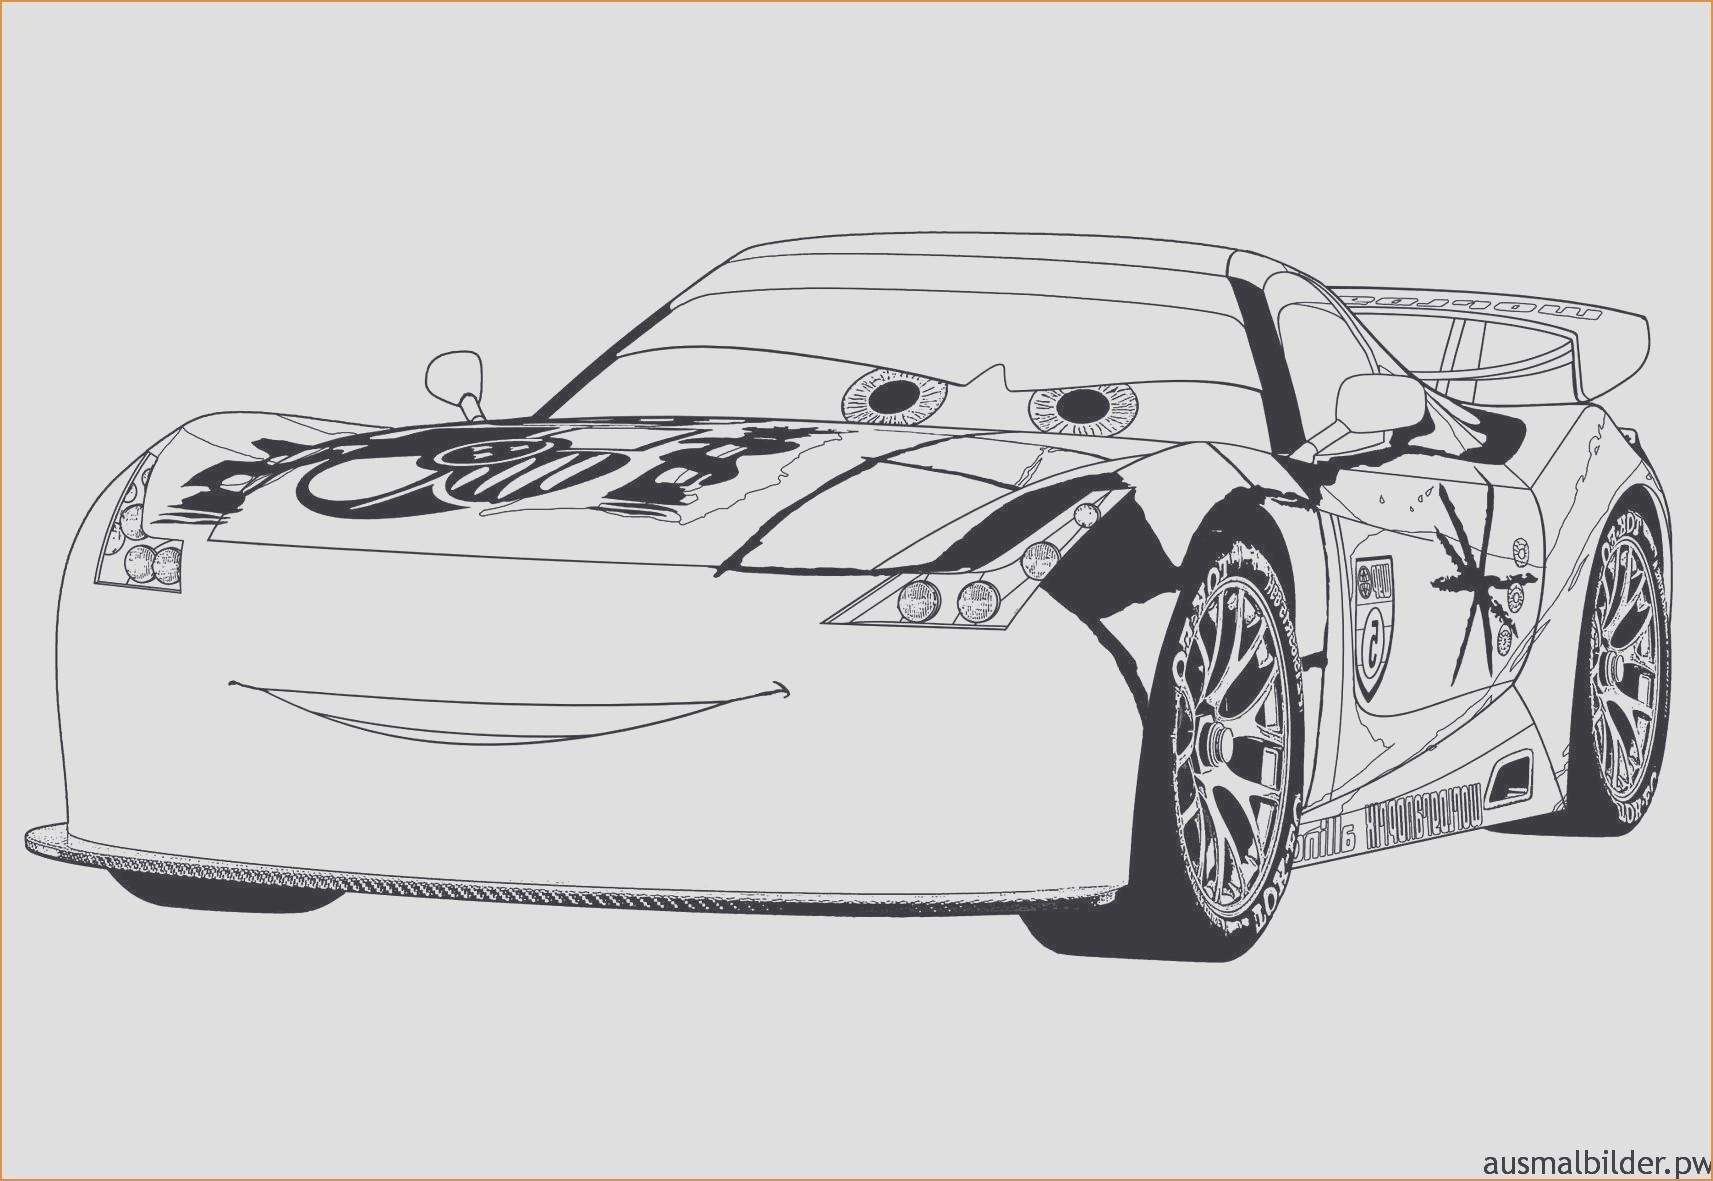 Auto Malvorlage Einfach Inspirierend Dragons Ausmalbilder Lernspiele Färbung Bilder Bugatti Racing Best Stock